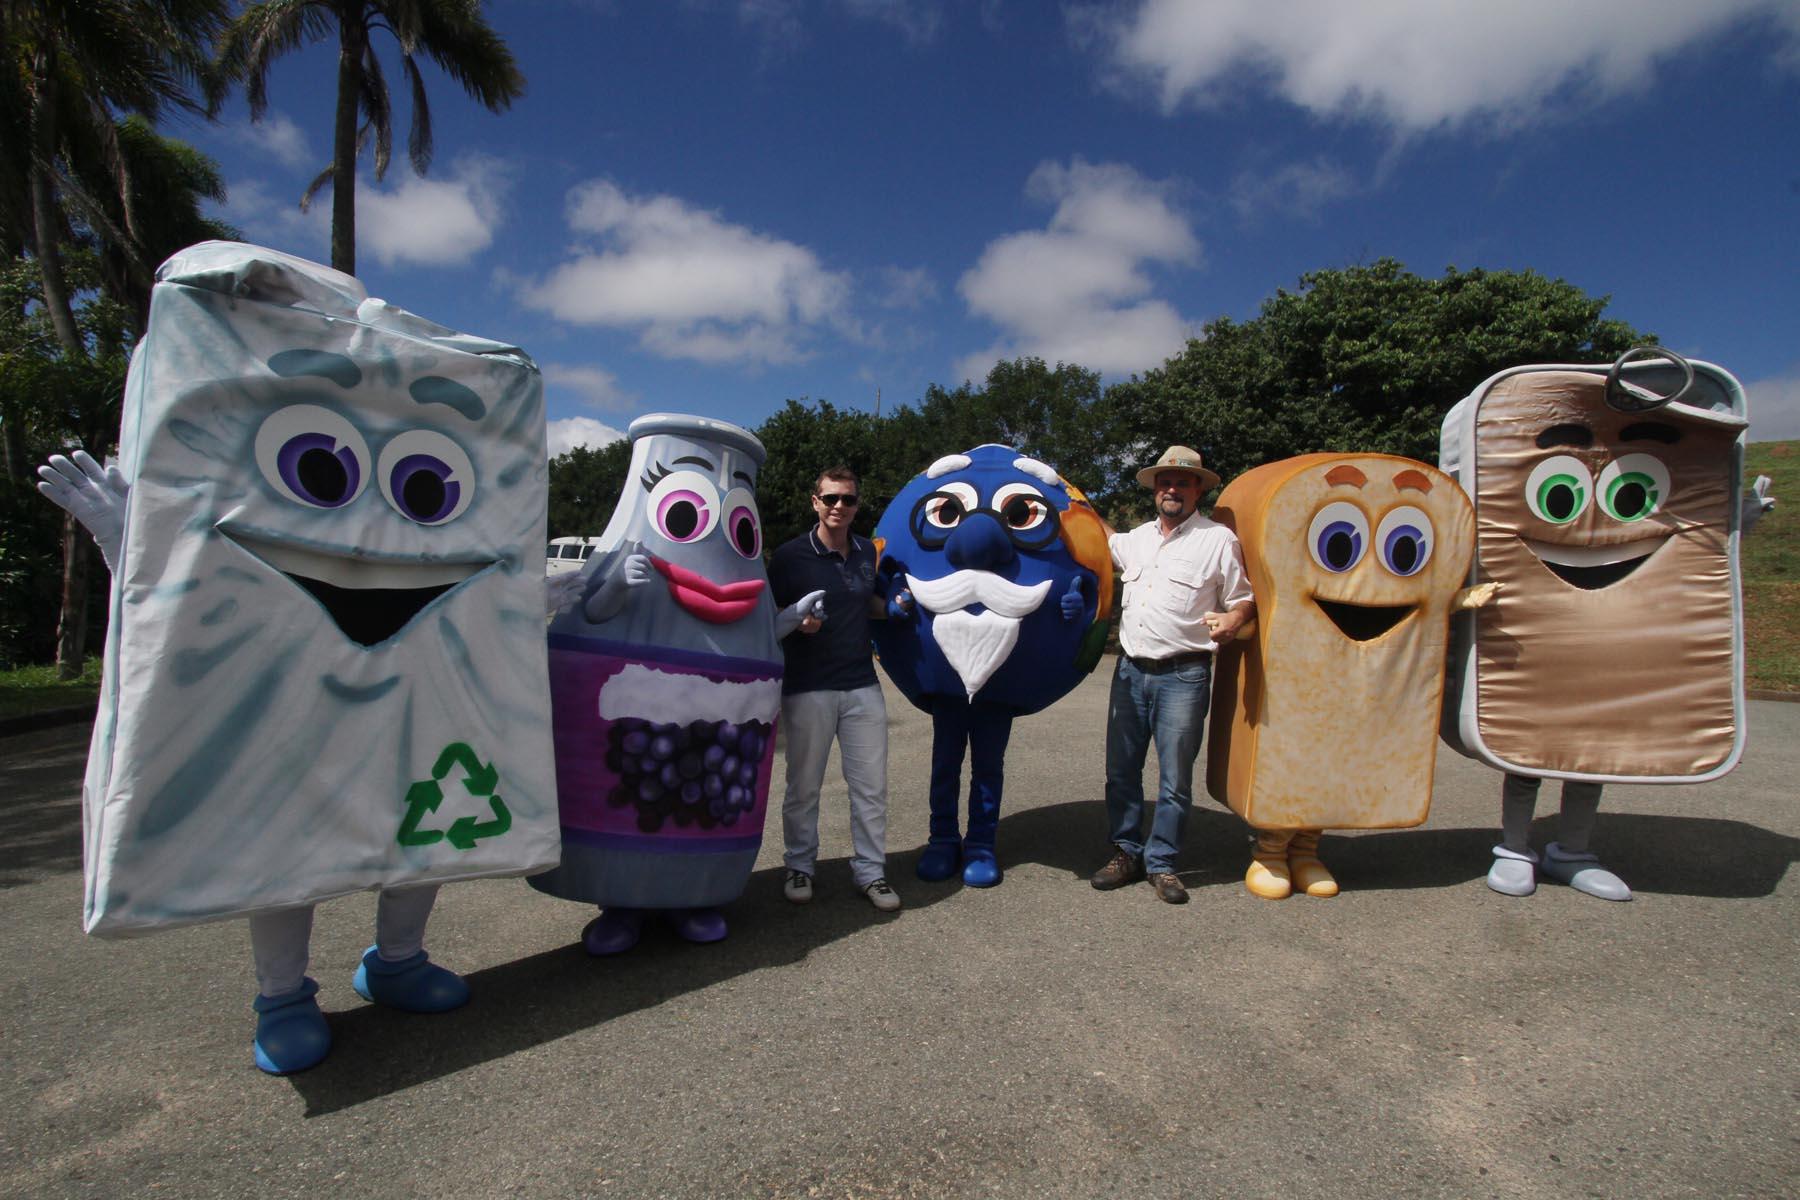 Prefeitura lança campanha para incentivar redução de lixo - Bruno Pessuti